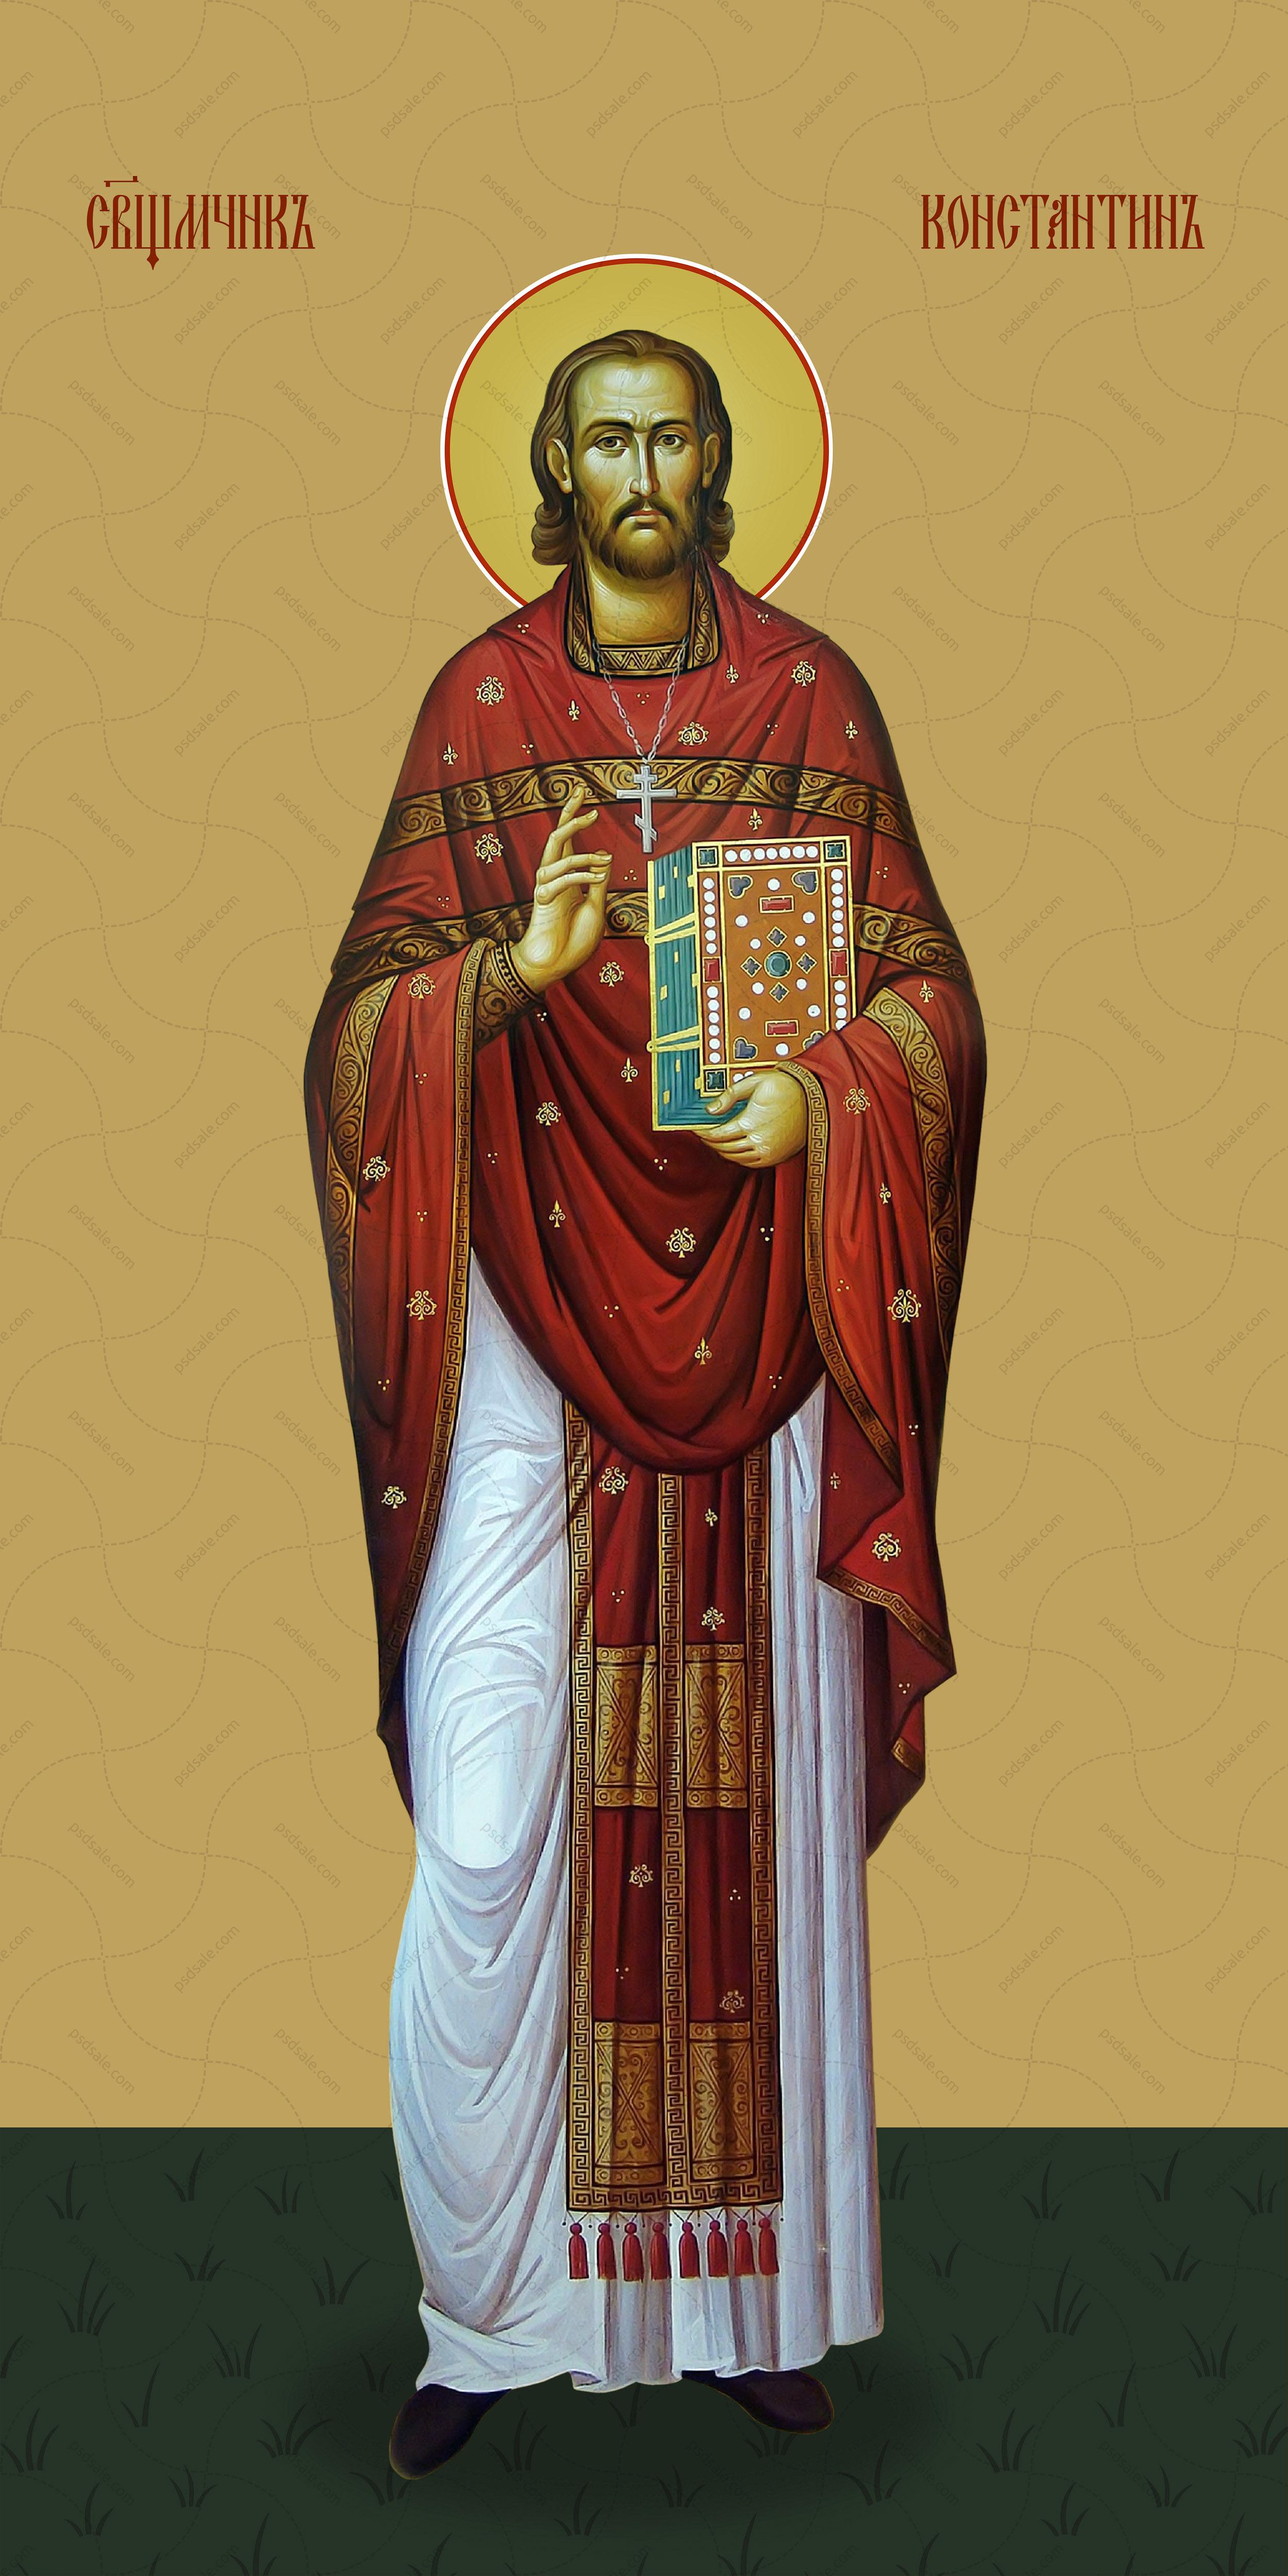 Мерная икона, Константин Богоявленский, священномученик